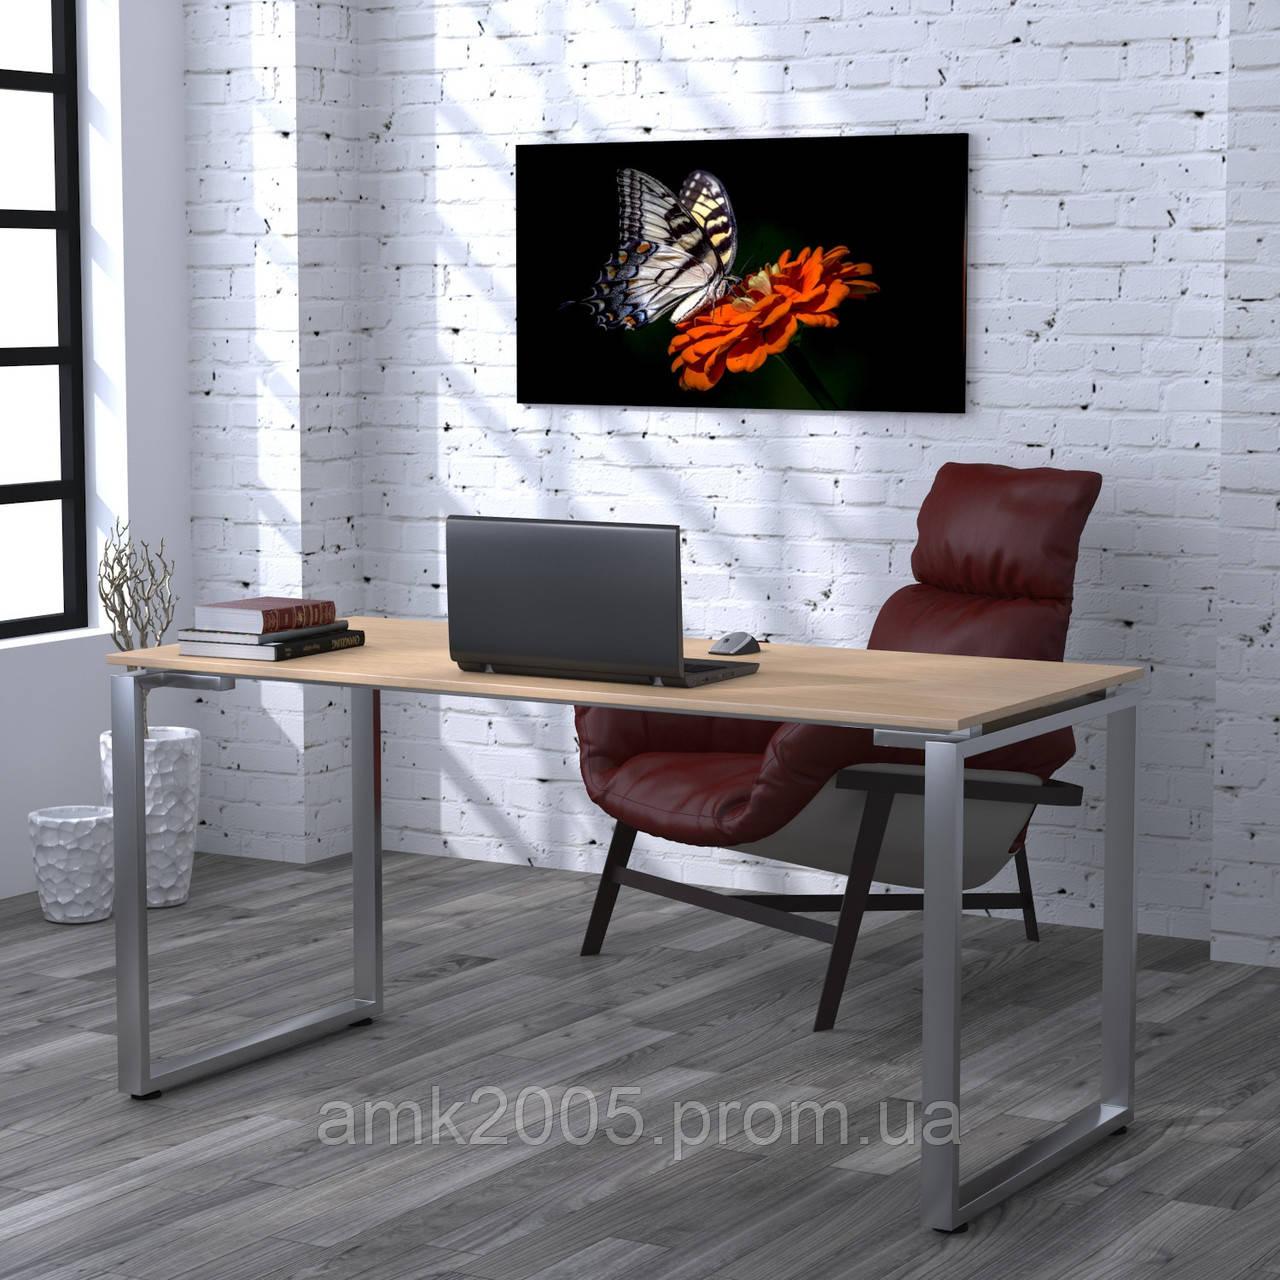 Письменный стол Loft design Q-160 Дуб Борас